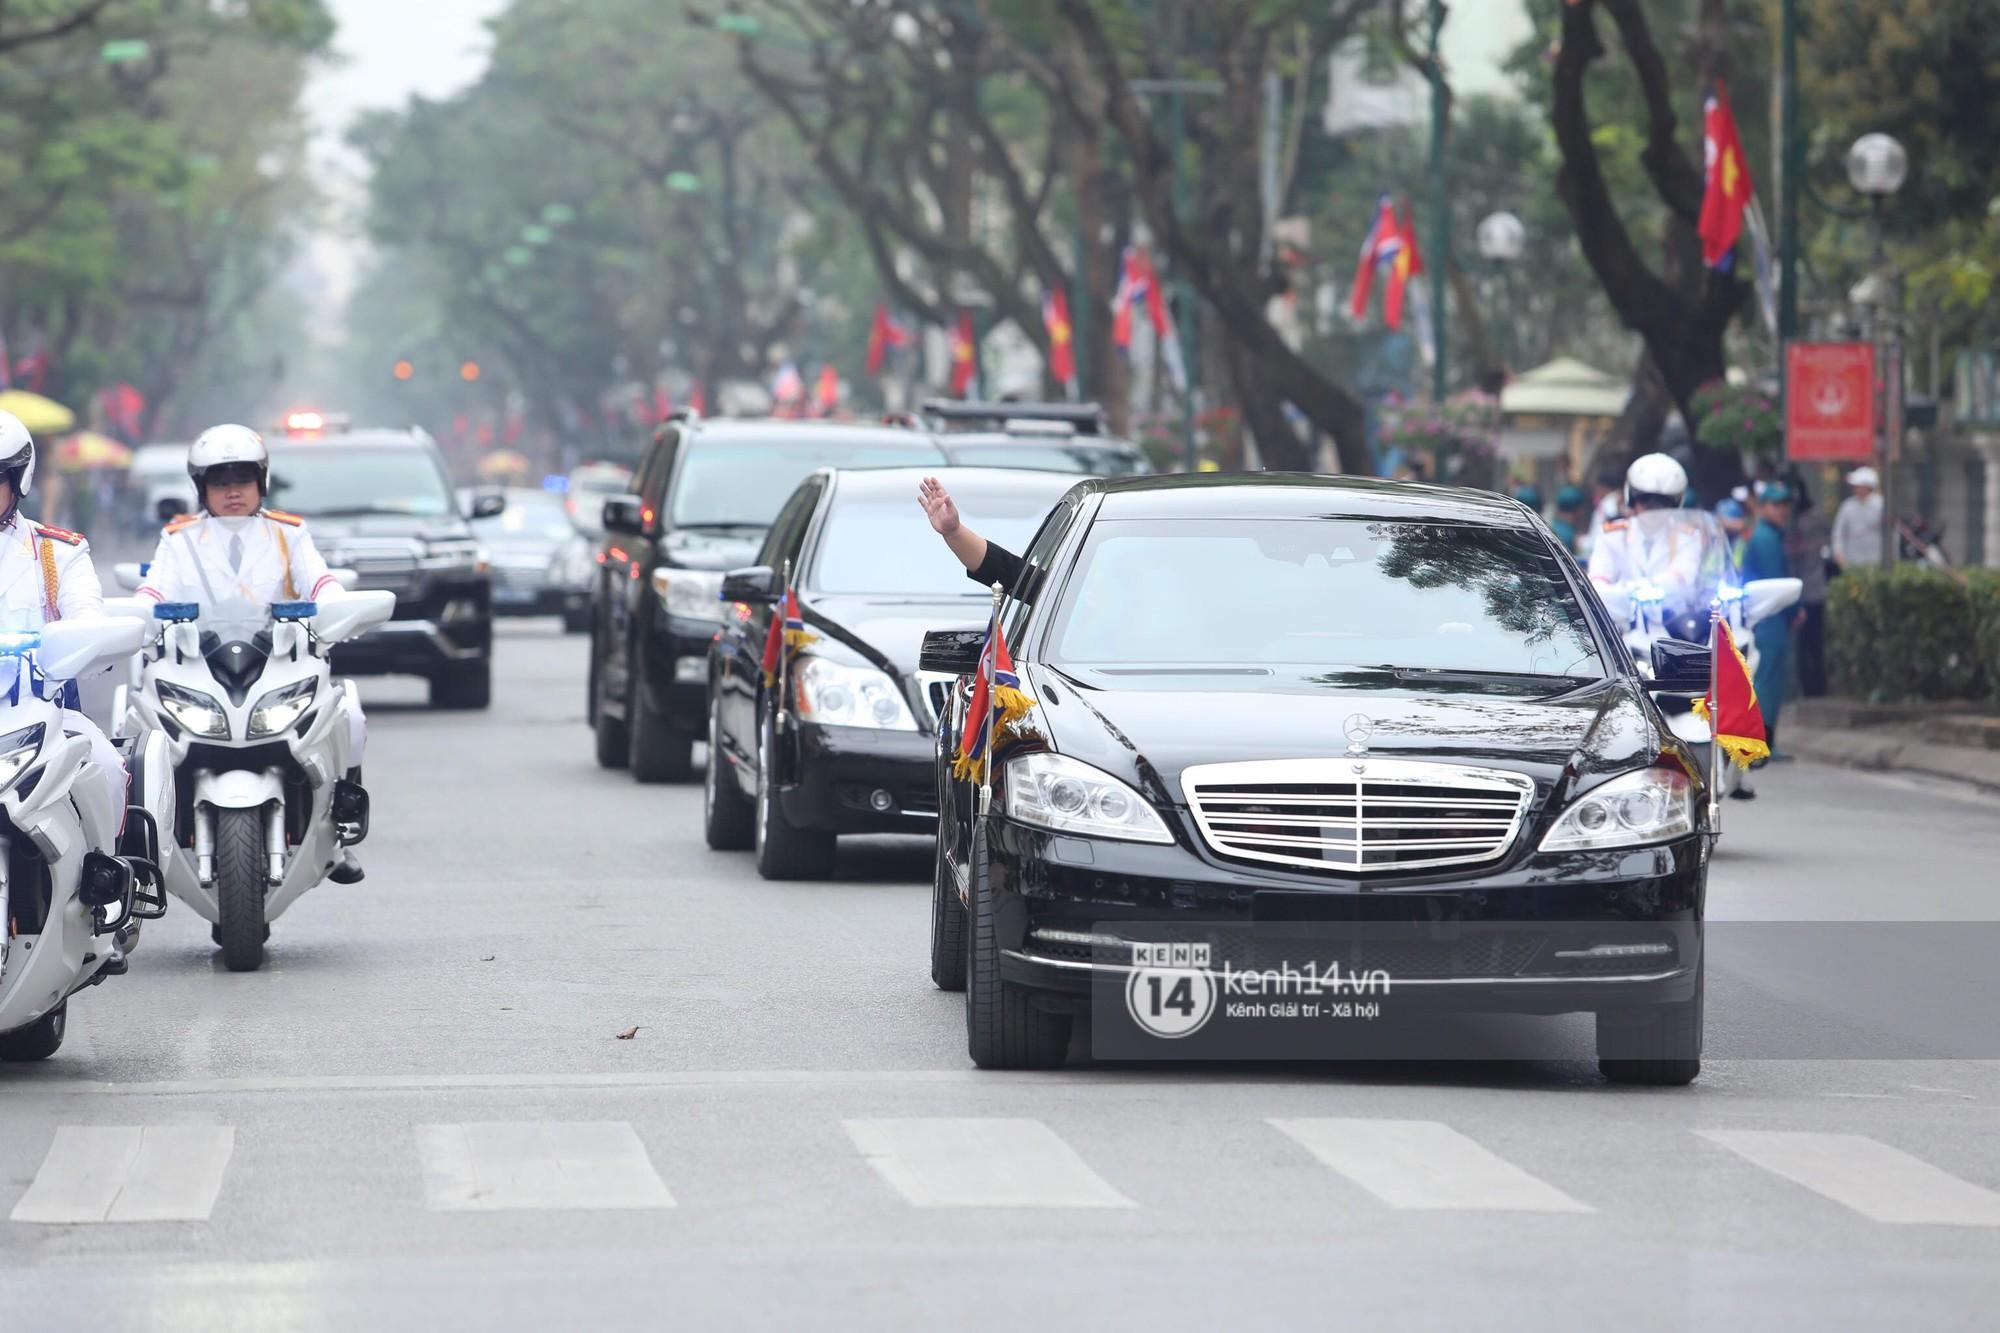 Chủ tịch Kim Jong-un vẫy tay chào người dân, đang trên đường viếng đài liệt sĩ và lăng Chủ tịch Hồ Chí Minh - Ảnh 2.